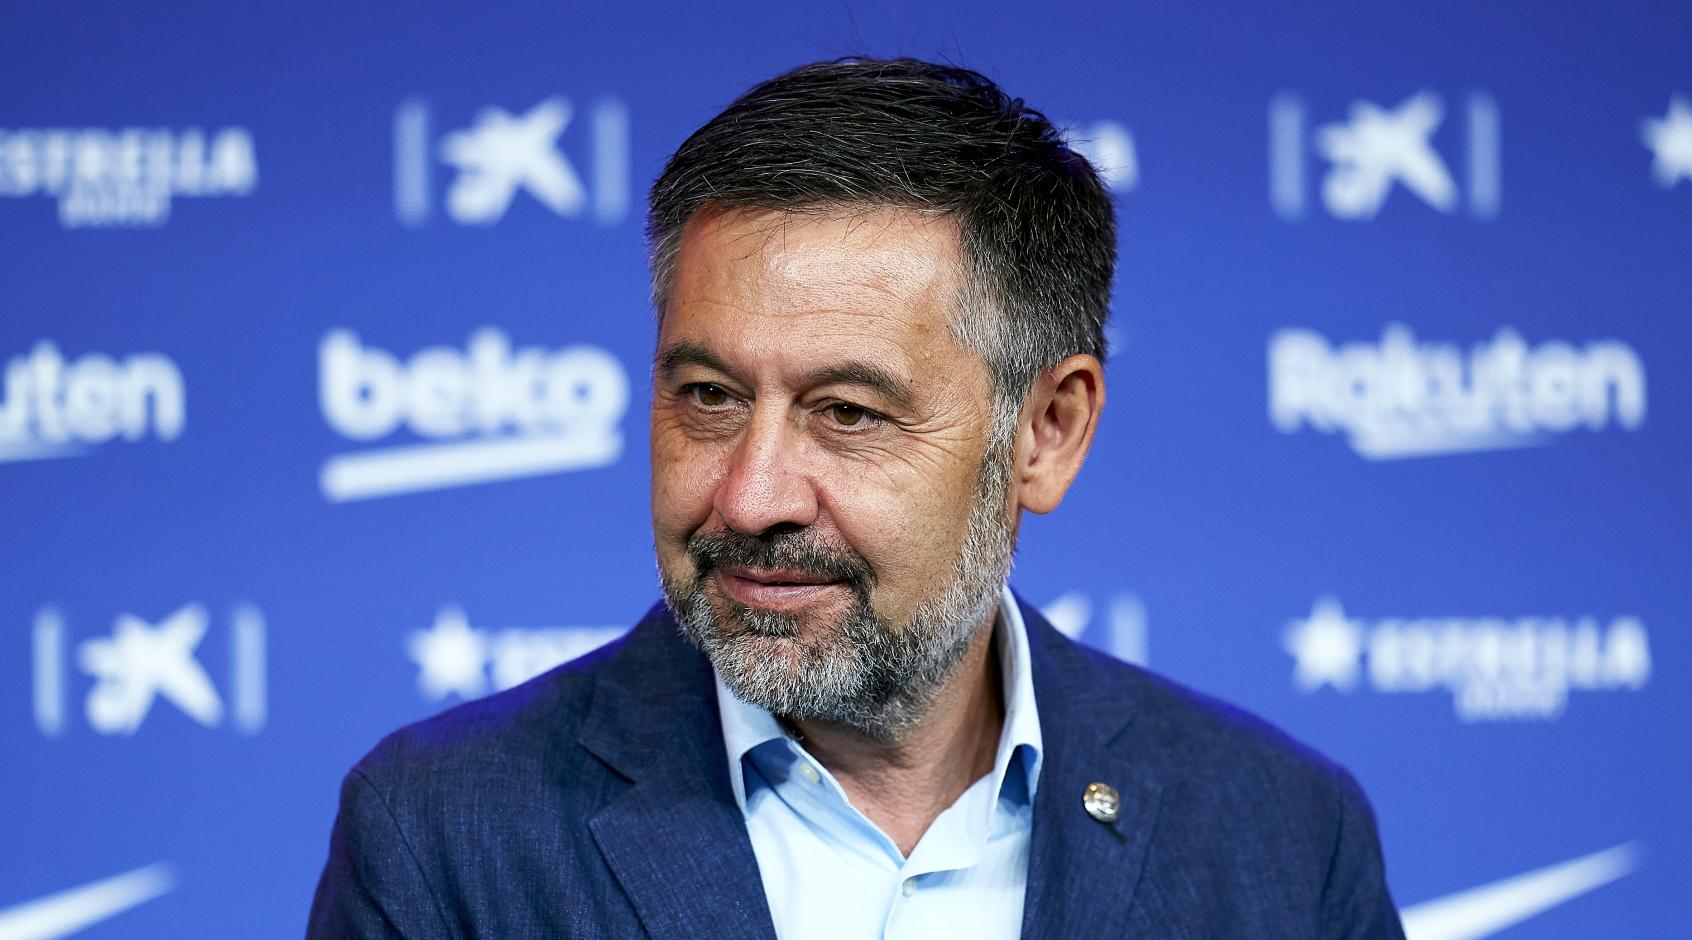 """Что такое """"BarçaGate"""" и почему был задержан экс-президент """"Барселоны"""" Хосеп Бартомеу"""